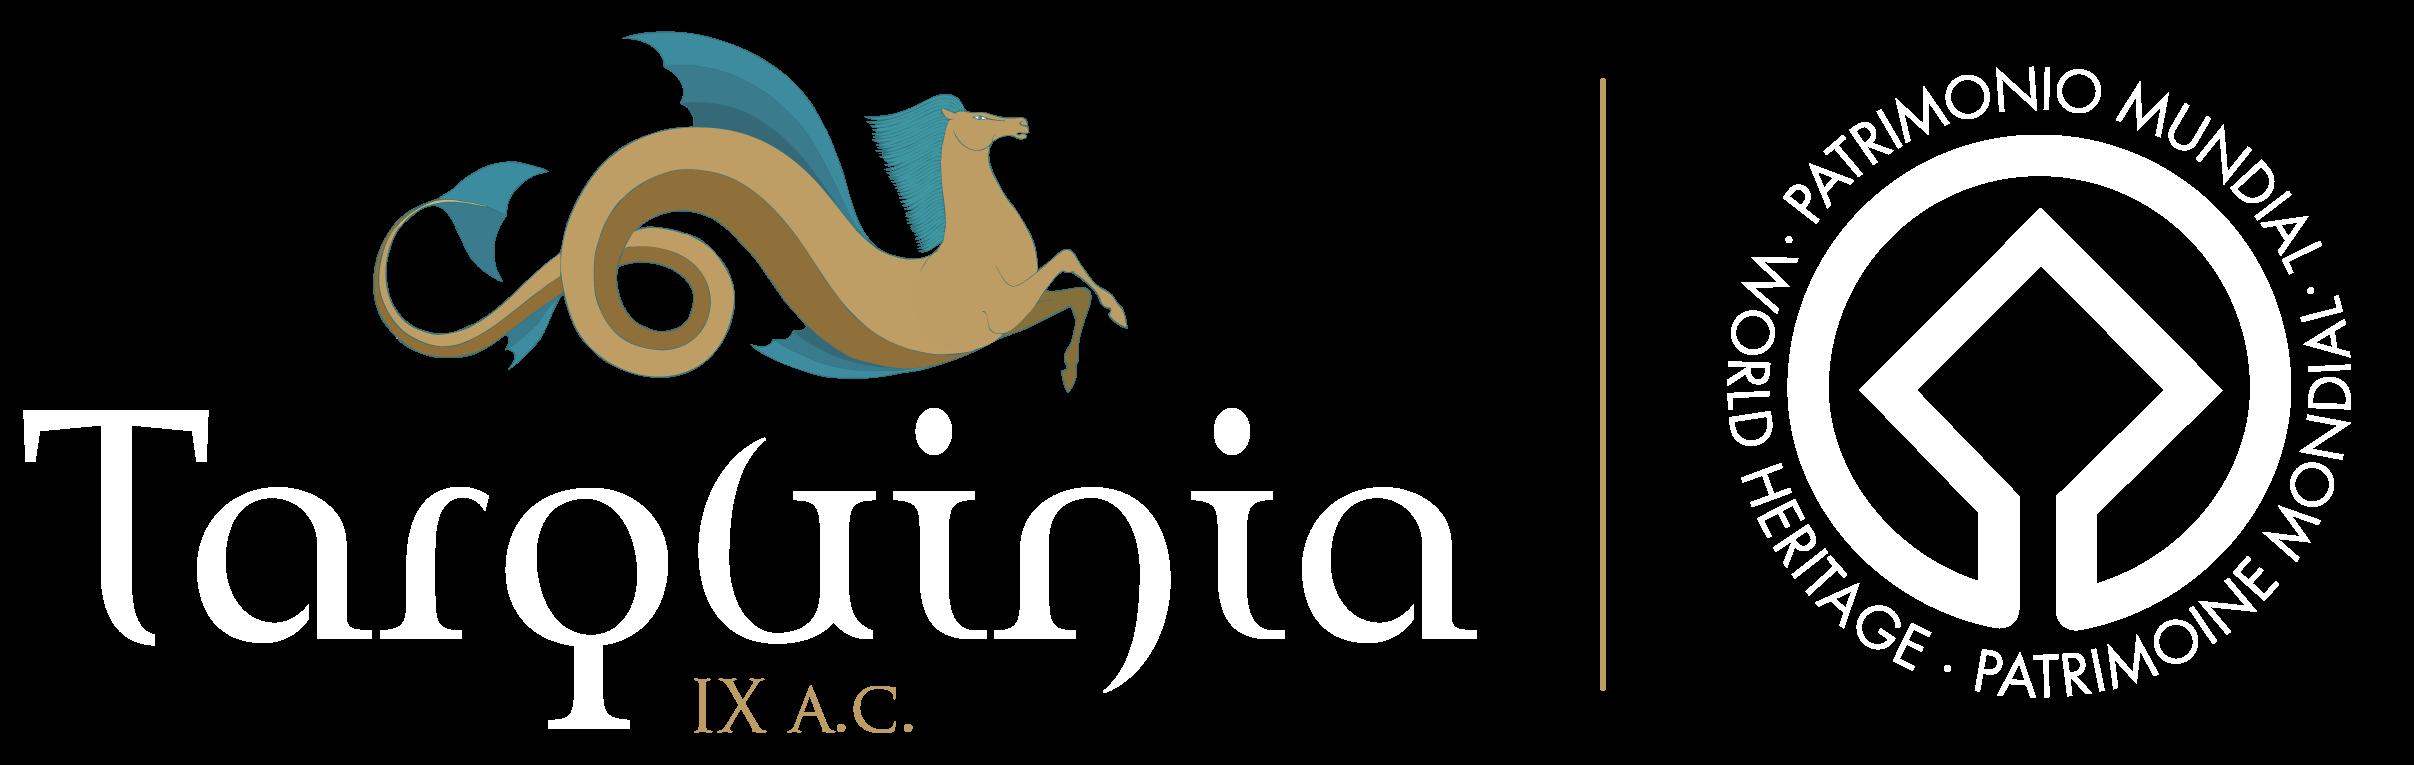 Tarquinia Turismo